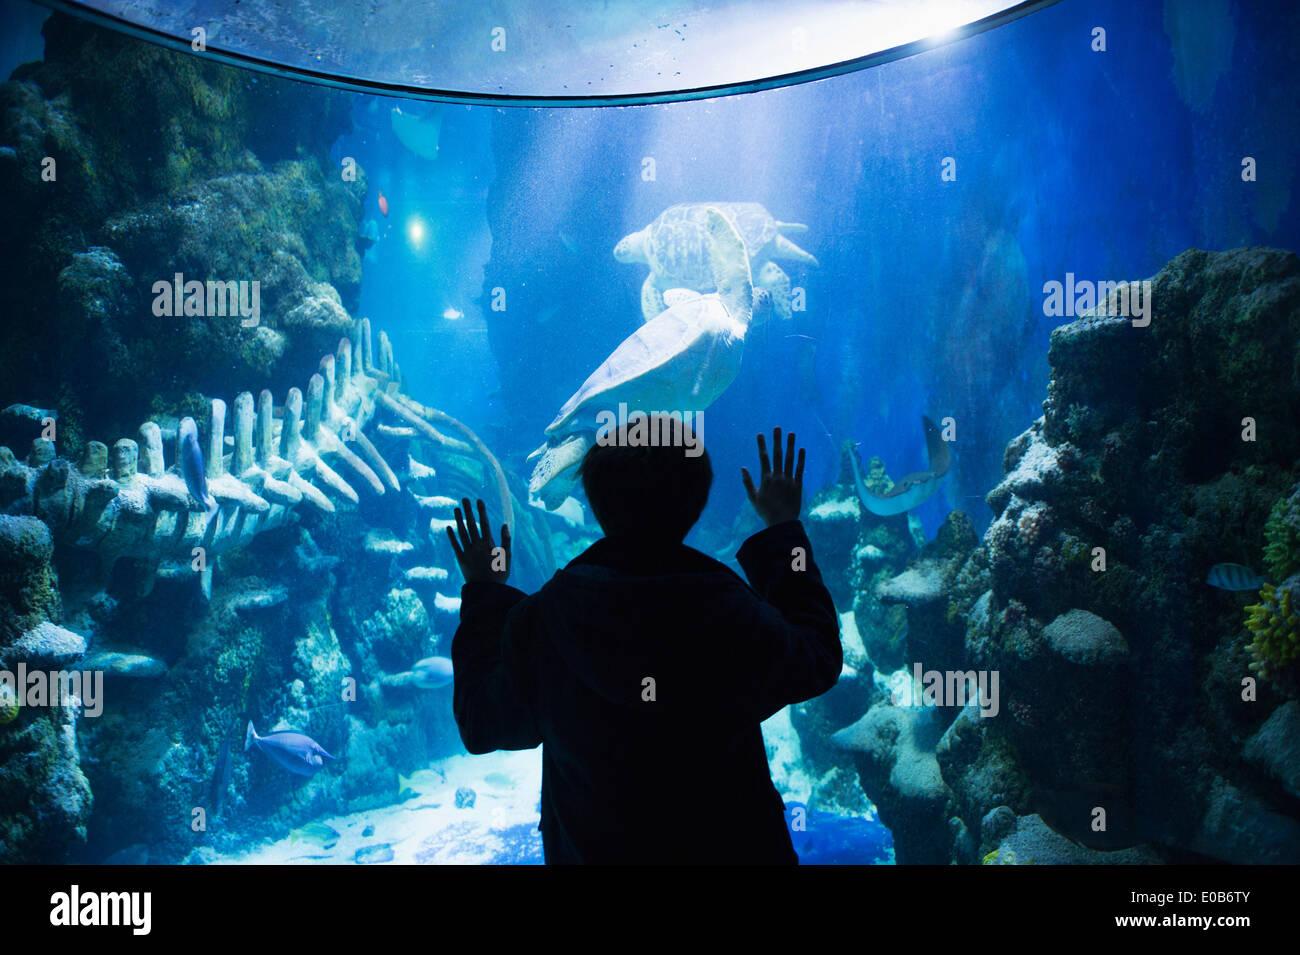 Boy admiring sea life in aquarium - Stock Image